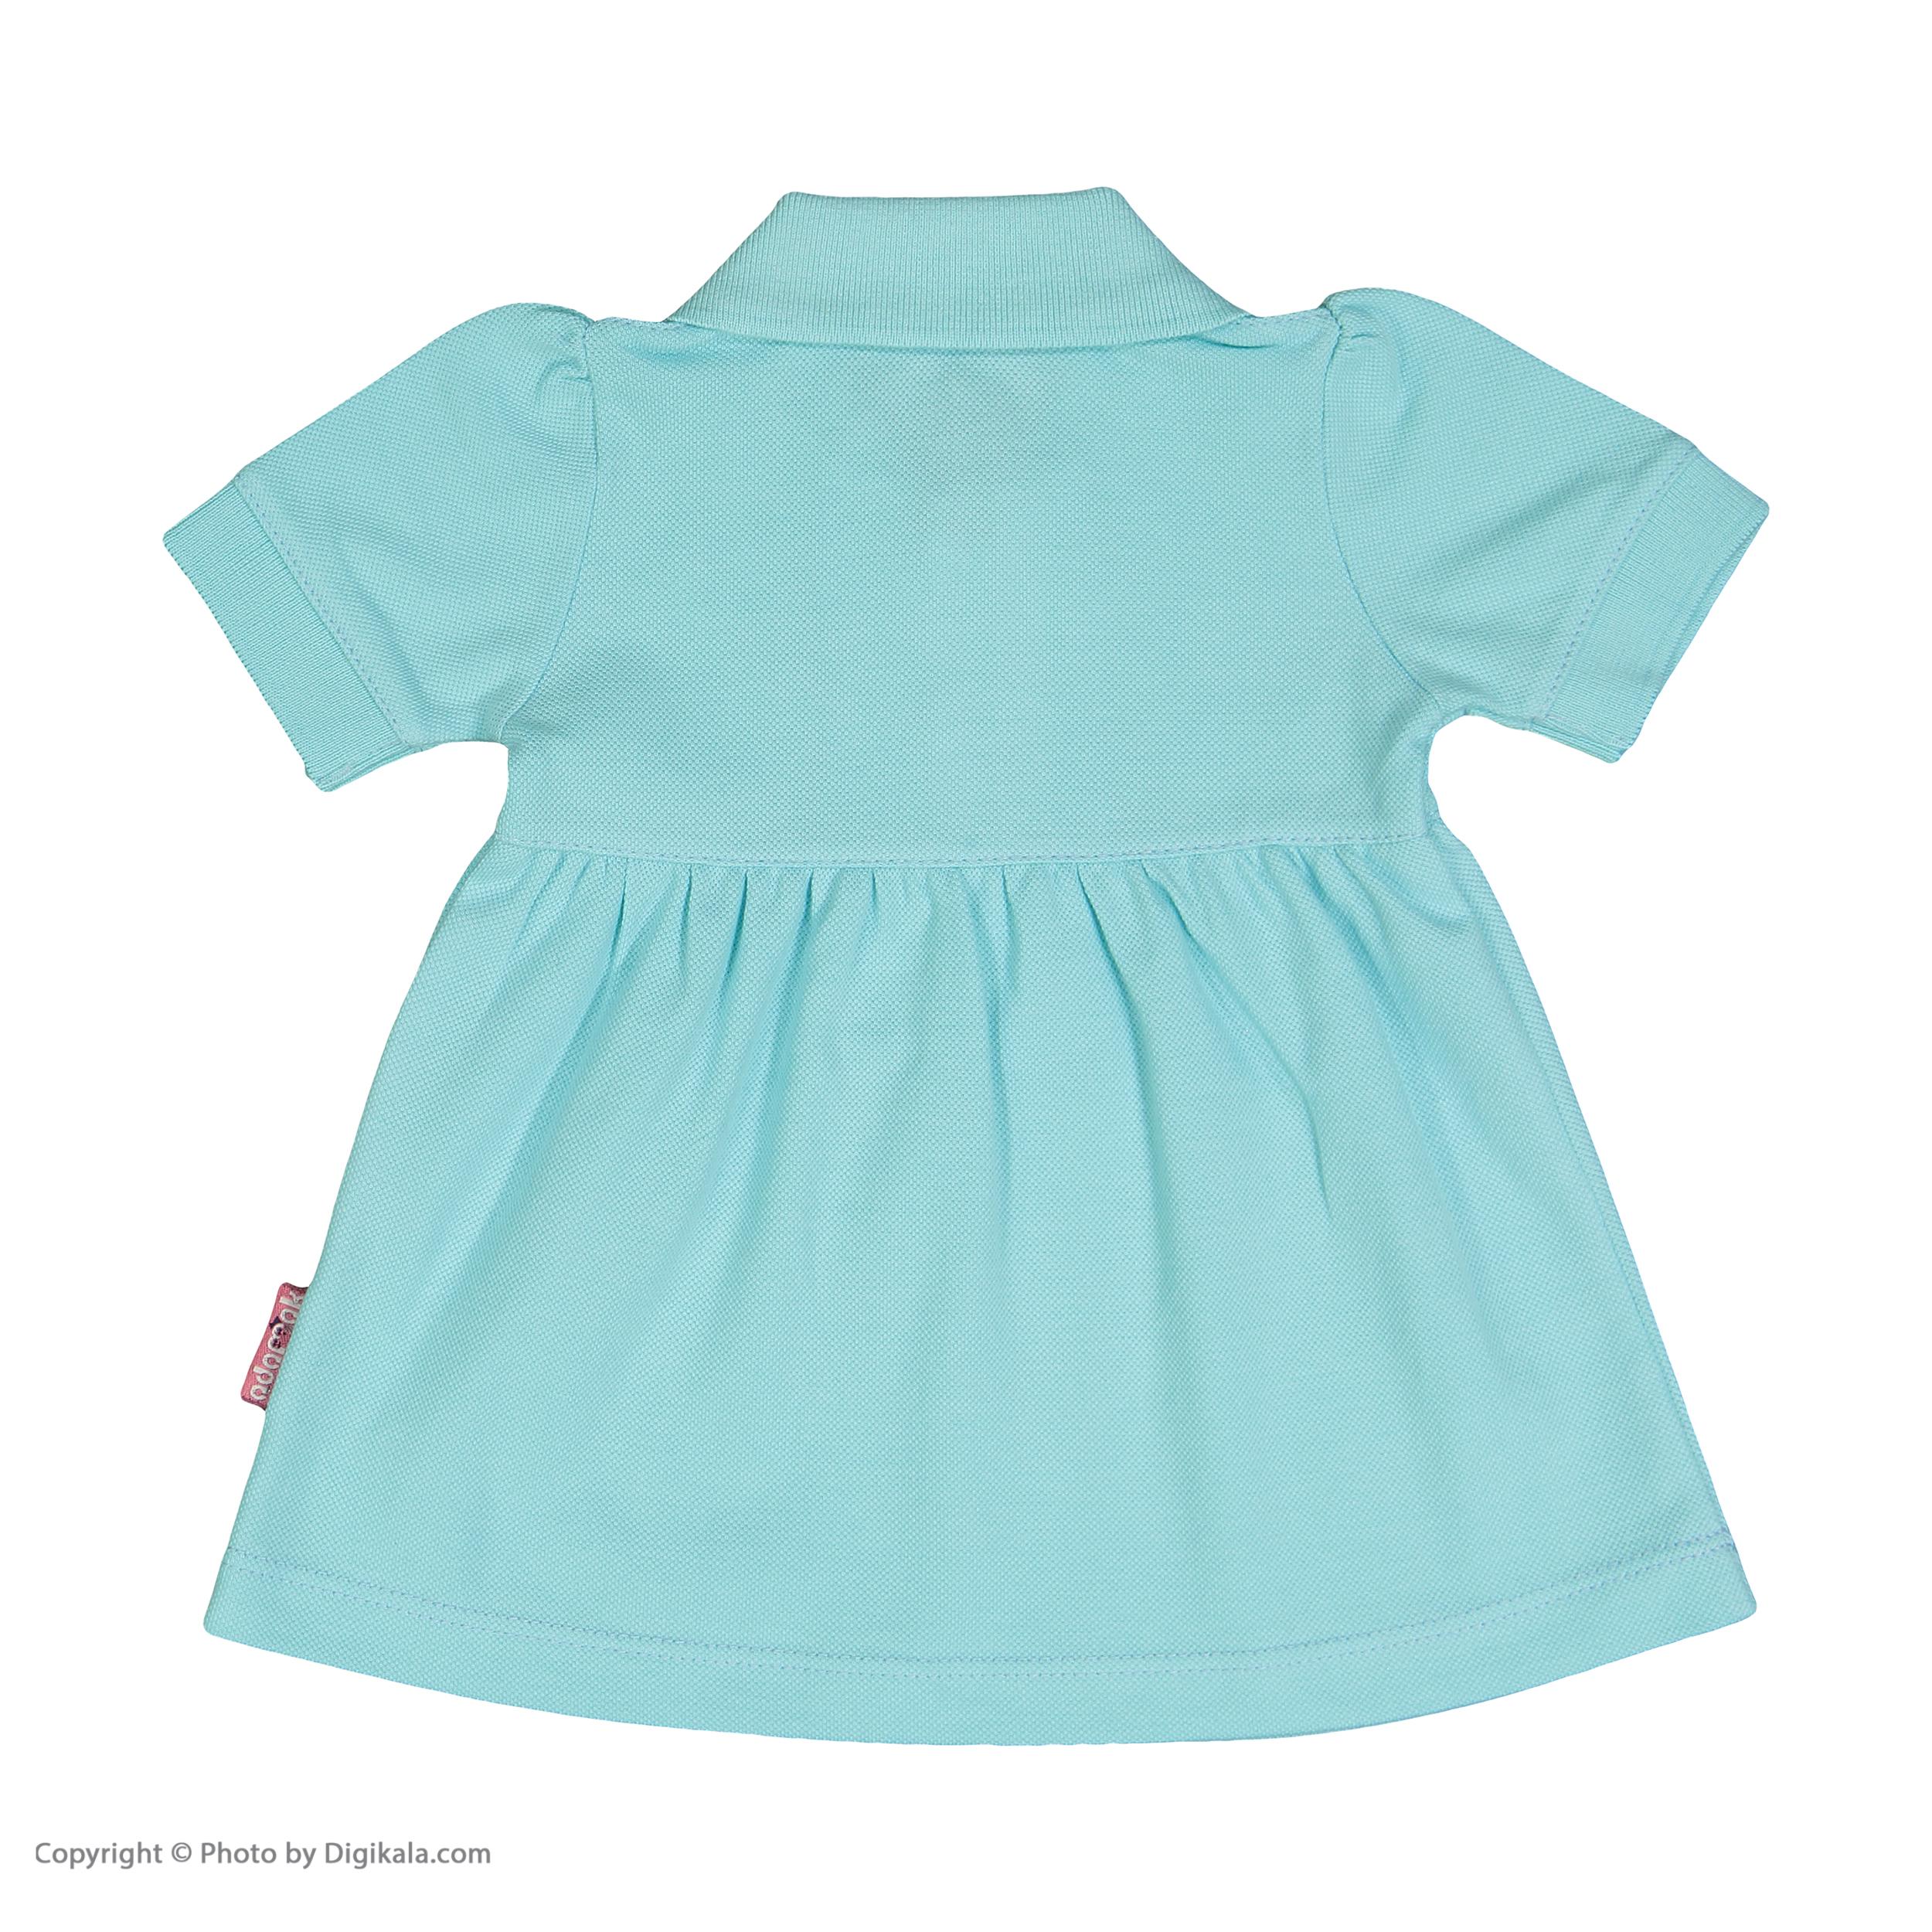 ست پیراهن و شلوارک نوزادی دخترانه آدمک مدل 2171109-53 -  - 5